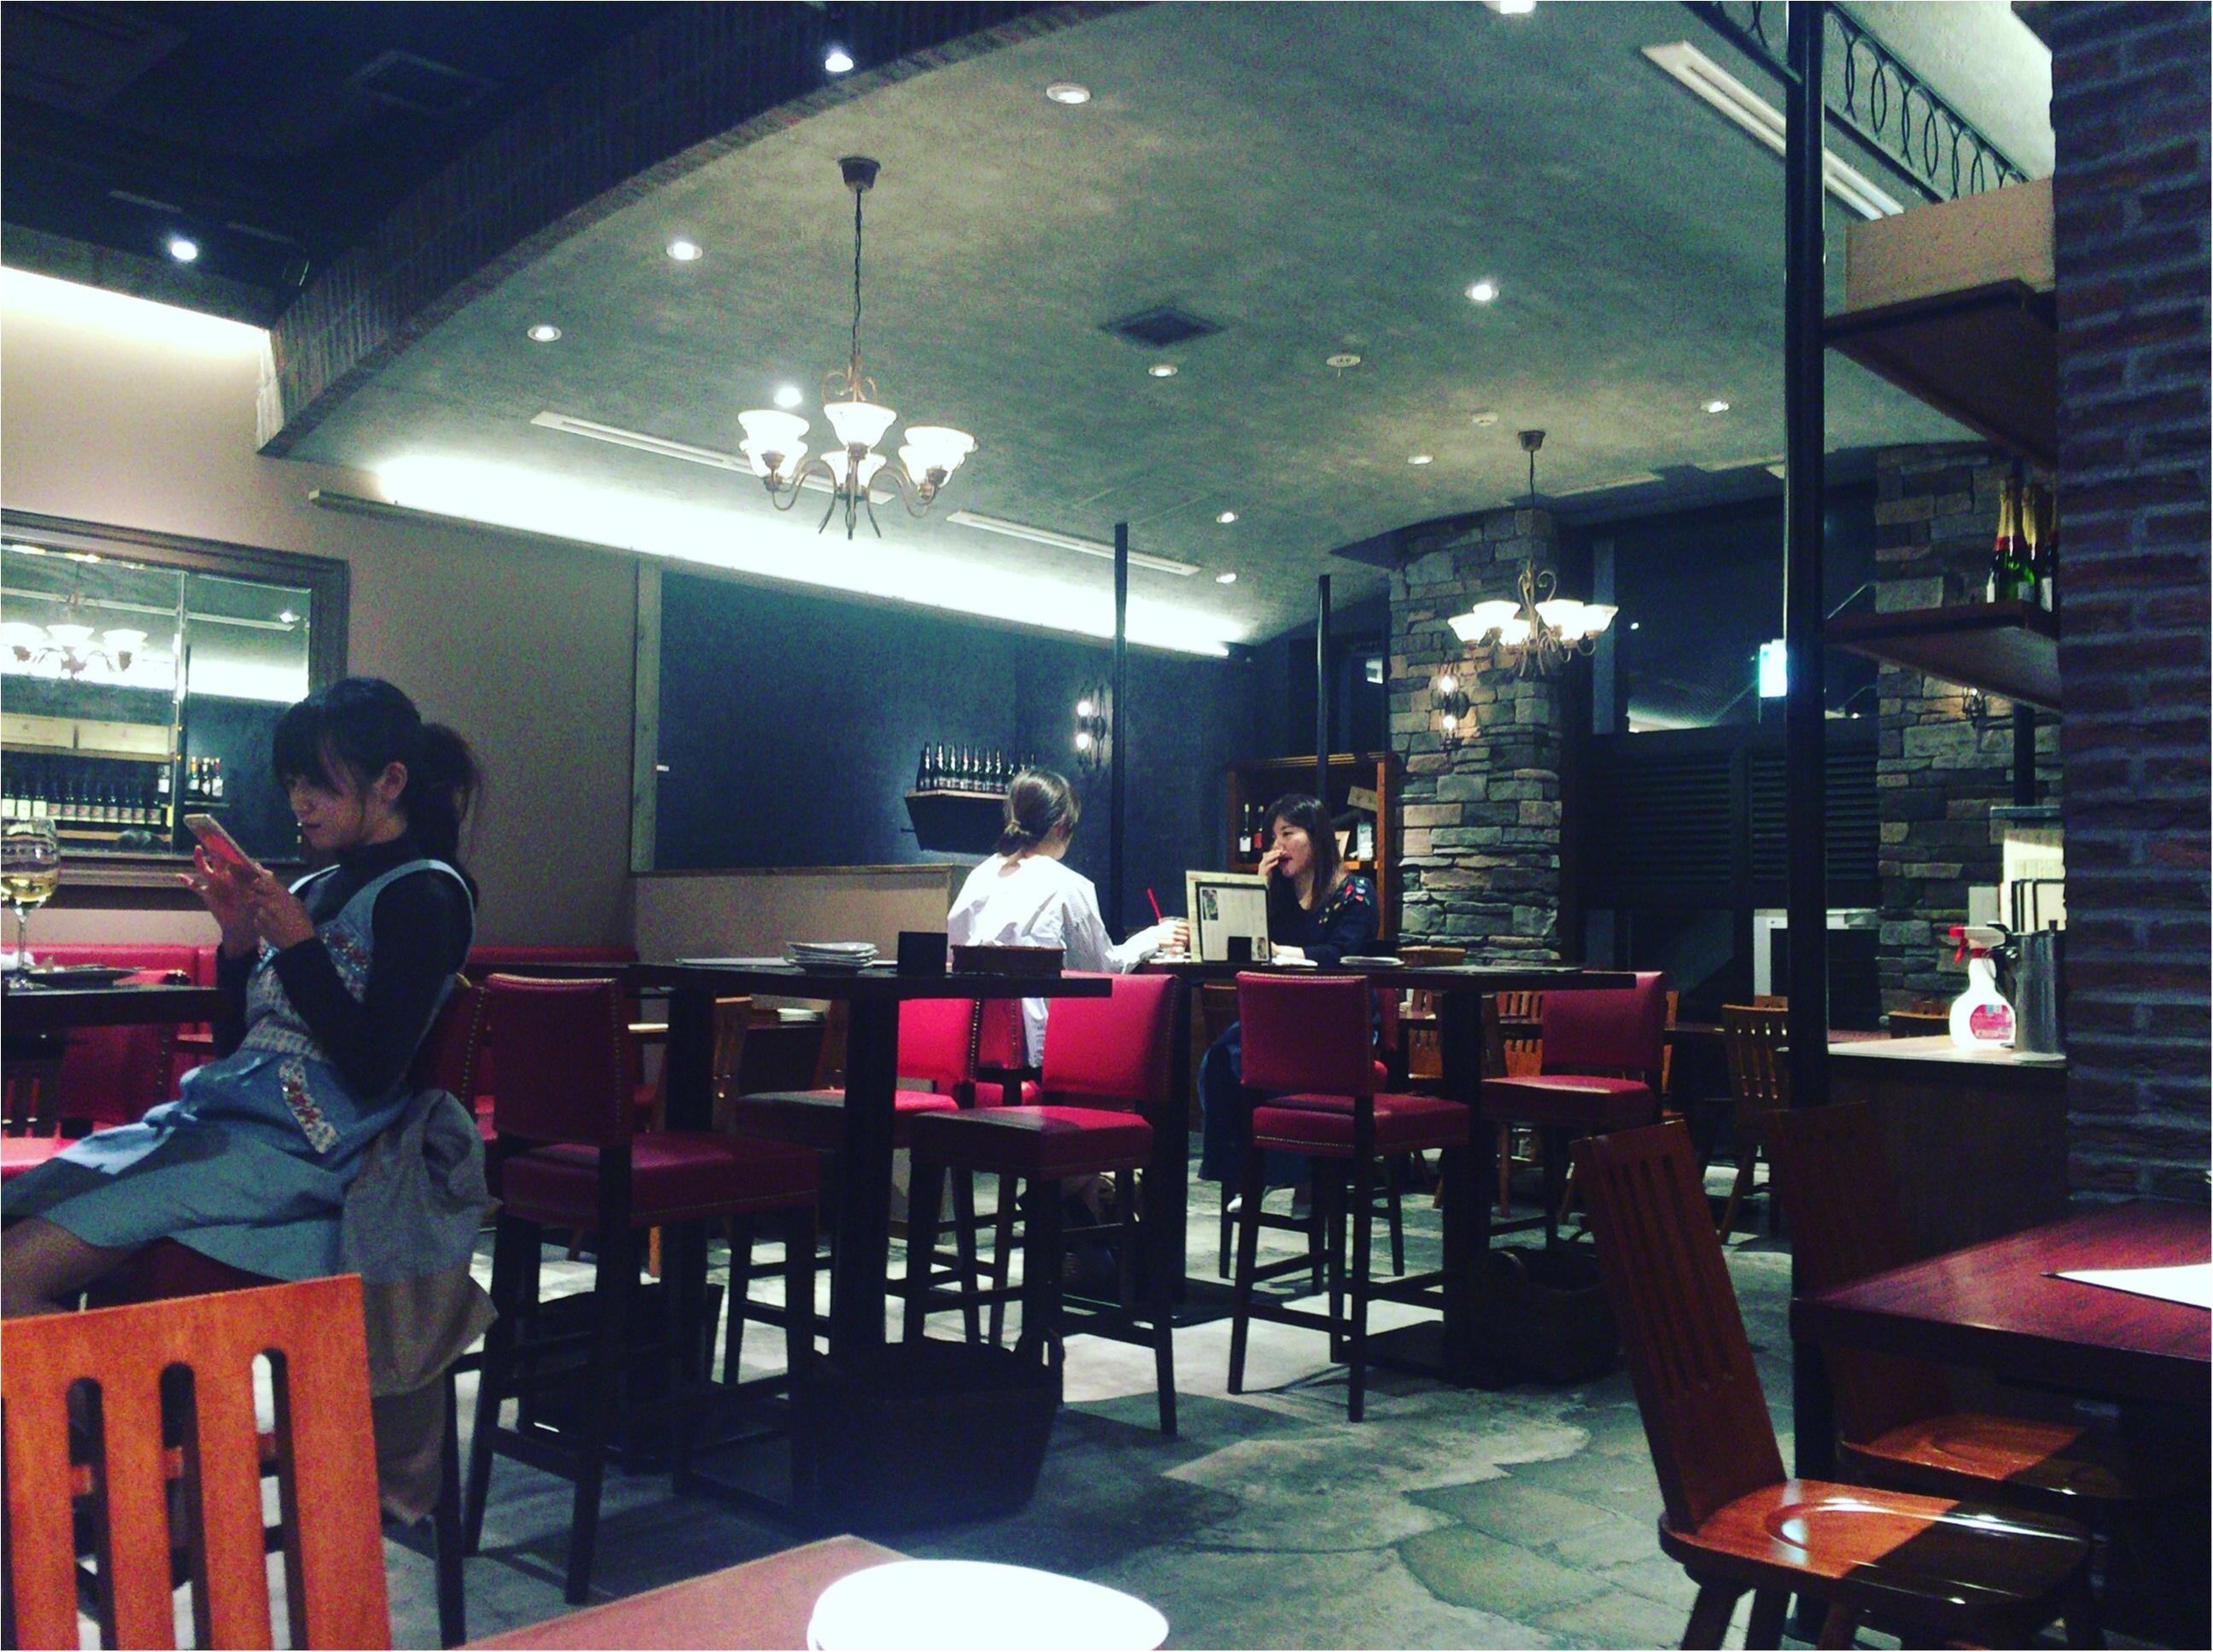 【恵比寿/肉バル】肉食女子集まれ〜!熟成肉・Tボーンステーキ・ポークチョップetc美味しい肉料理が味わえるお店✨≪samenyan≫_2